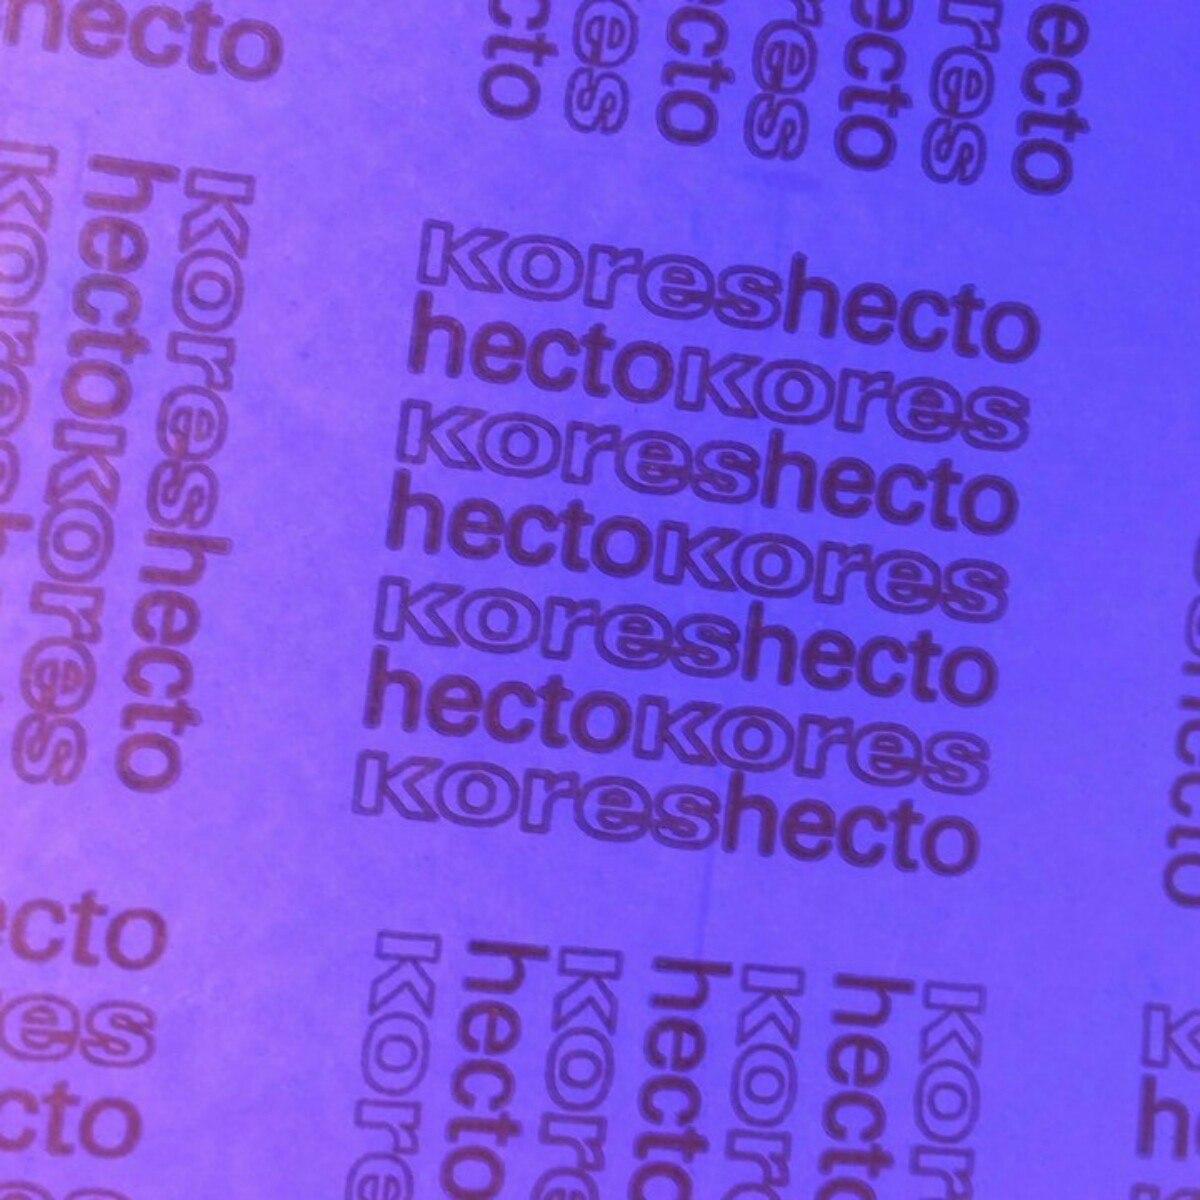 Papel Hectografico Kores Plantilla De Tatuar X 1 Hoj Tatuaje ...